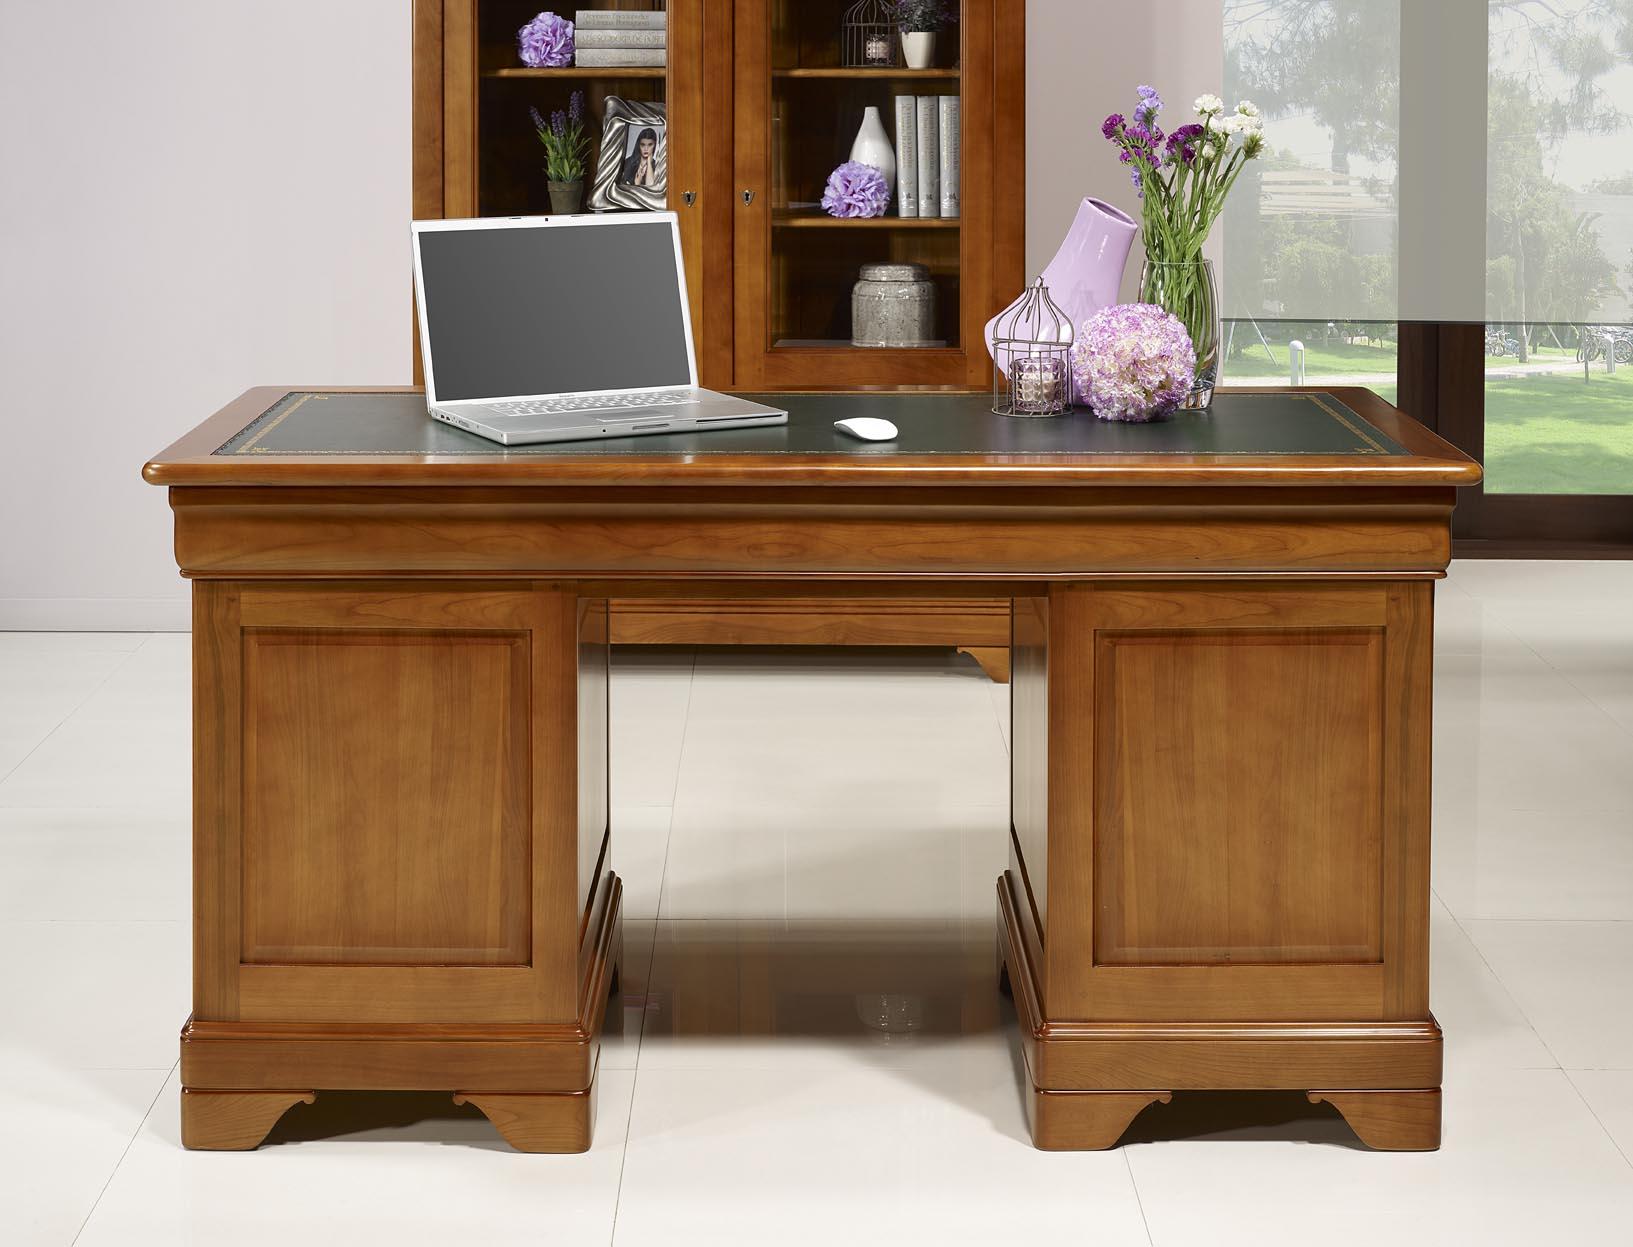 Bureau Ministre 9 tiroirs en Merisier Massif de style Louis Philippe , meuble -> Bureaux Style Ministre